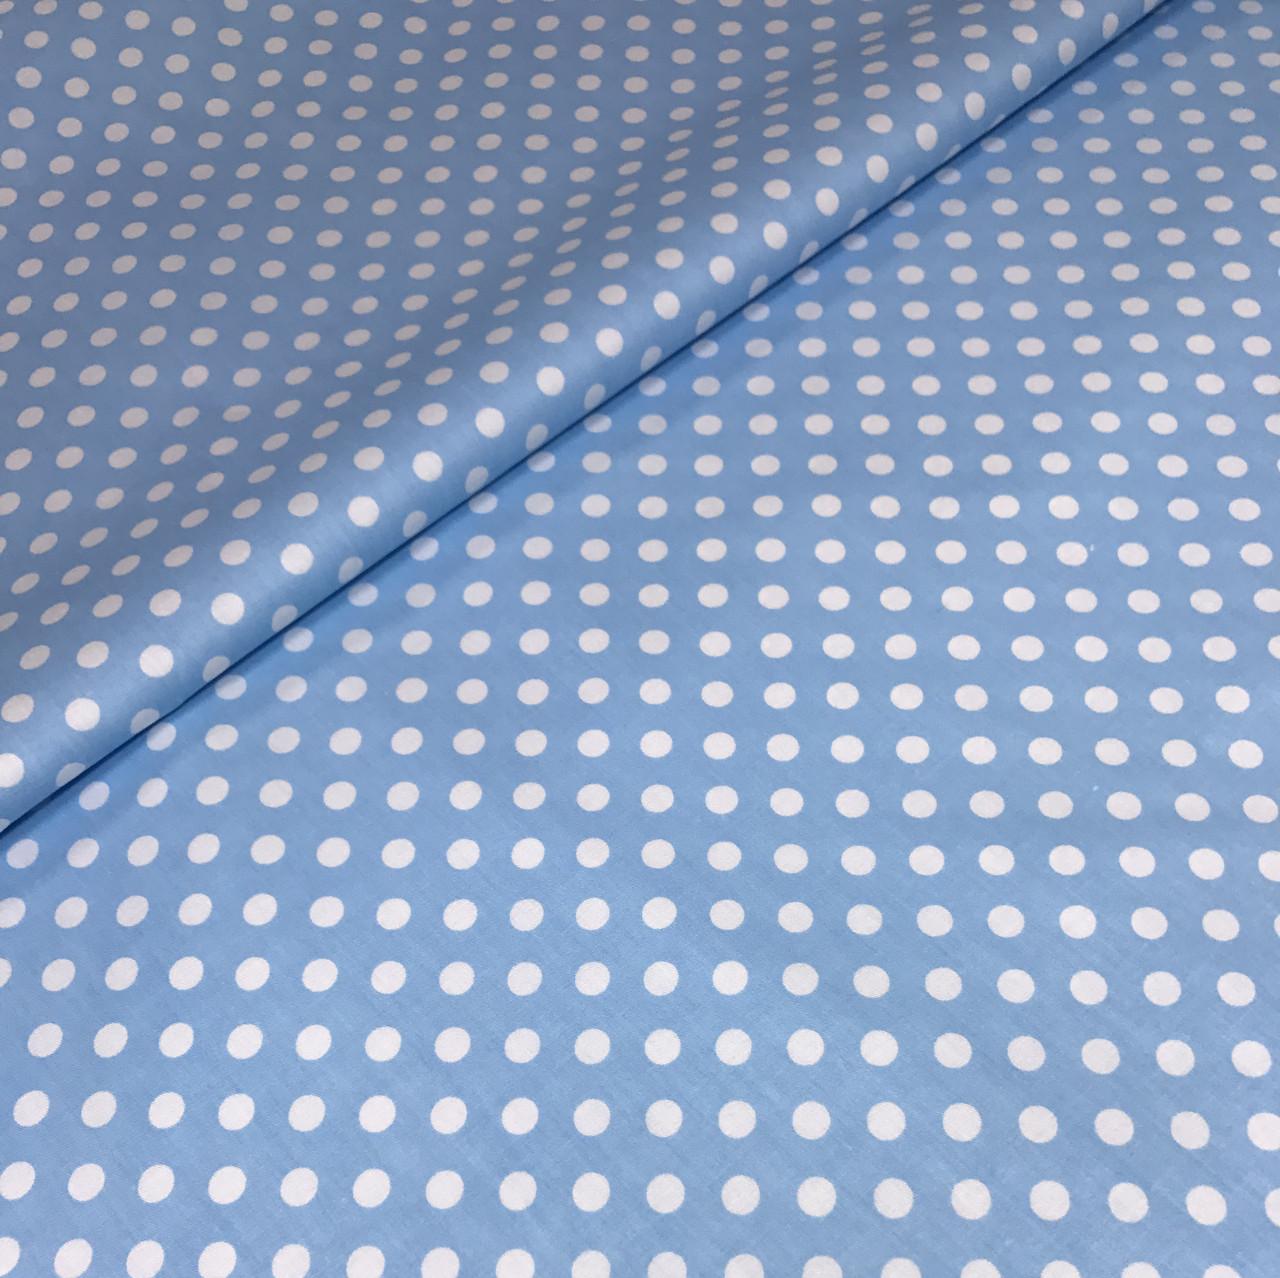 Хлопковая ткань горох белый на голубом 7 мм (КОРЕЯ) №299